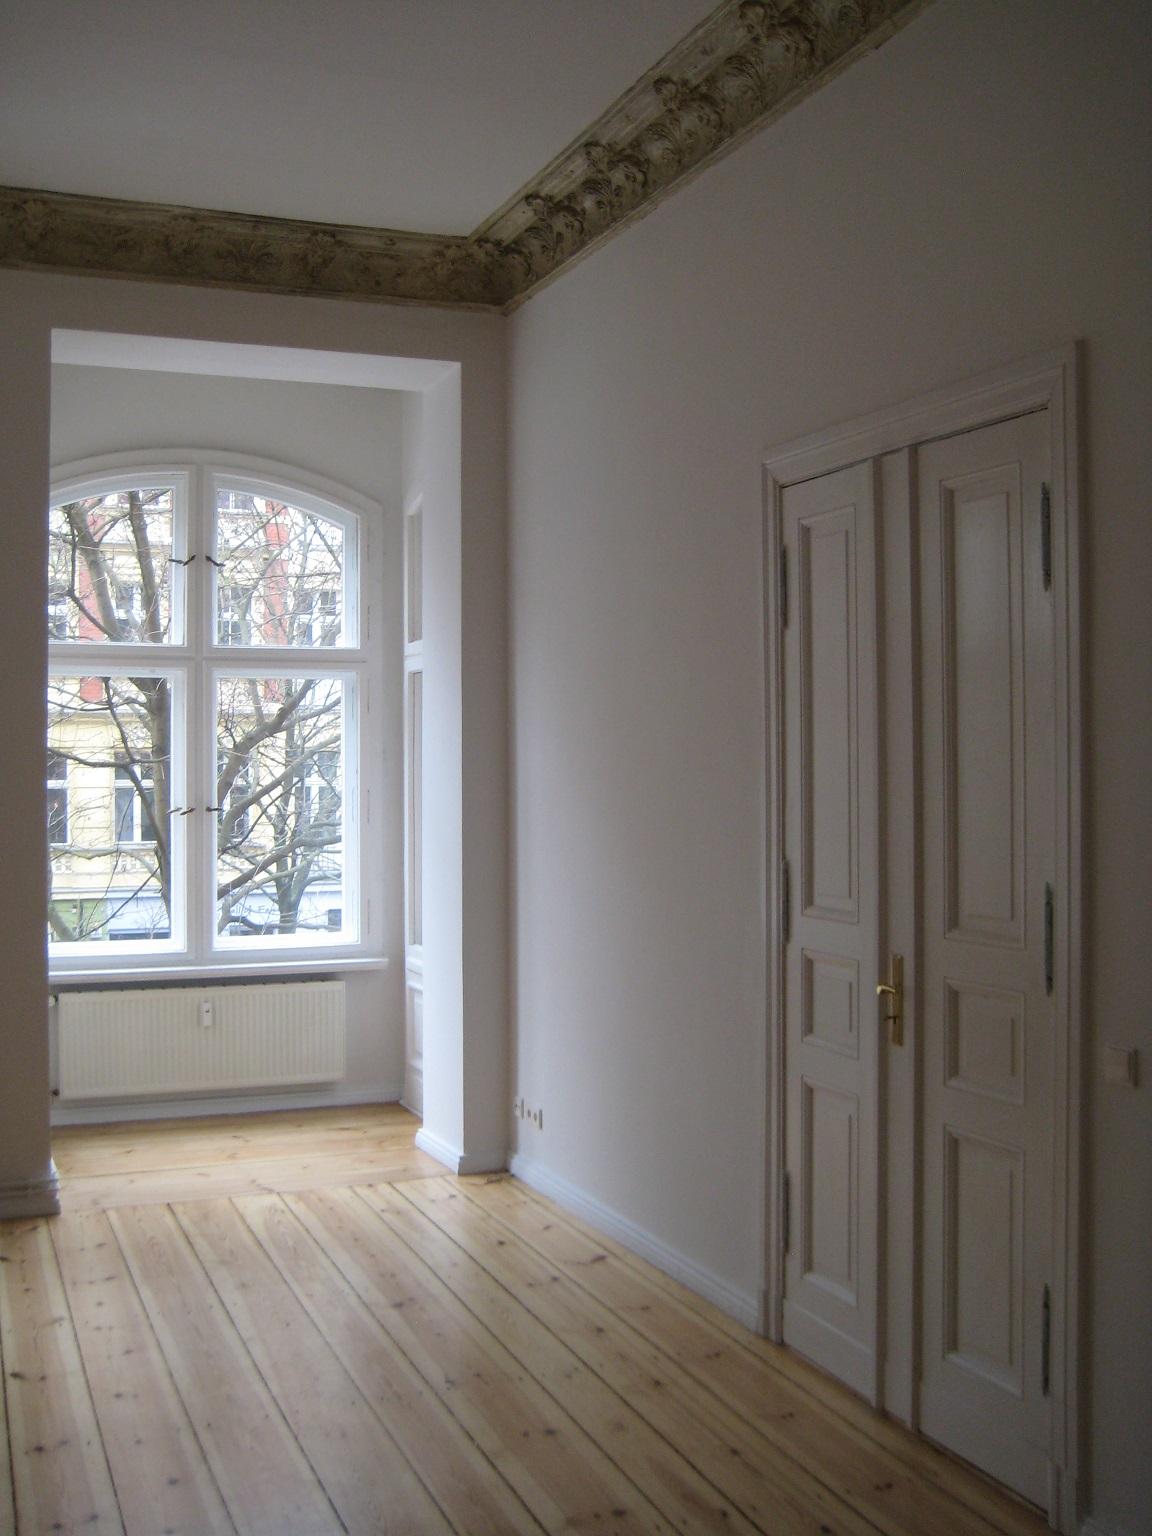 10585 berlin sanierung einer altbauwohnung vip building gmbh. Black Bedroom Furniture Sets. Home Design Ideas